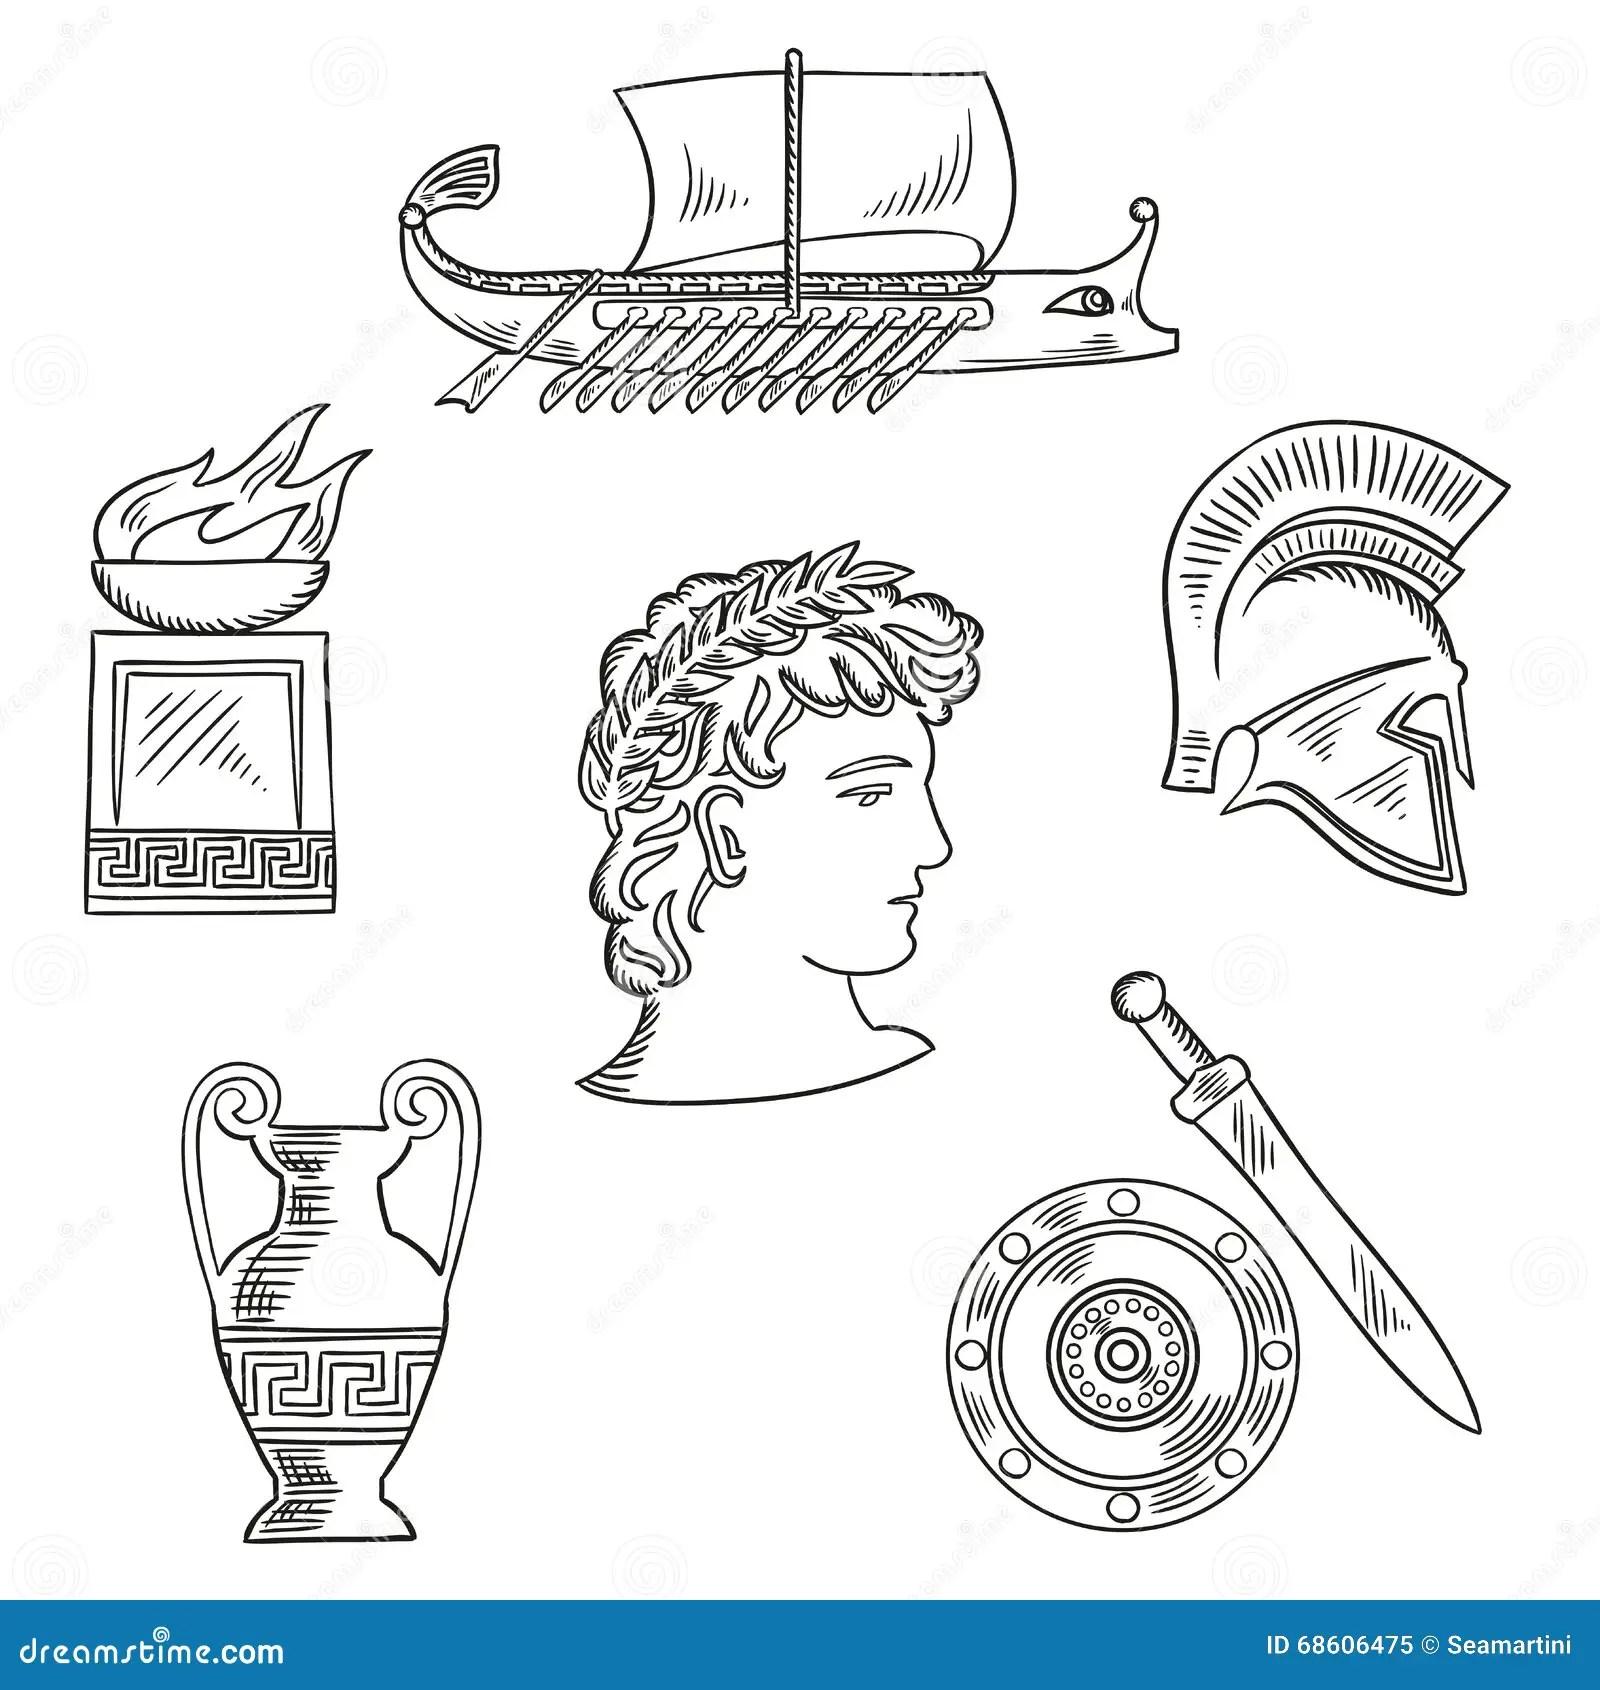 Culture Symbols Of Ancient Greece Stock Vector